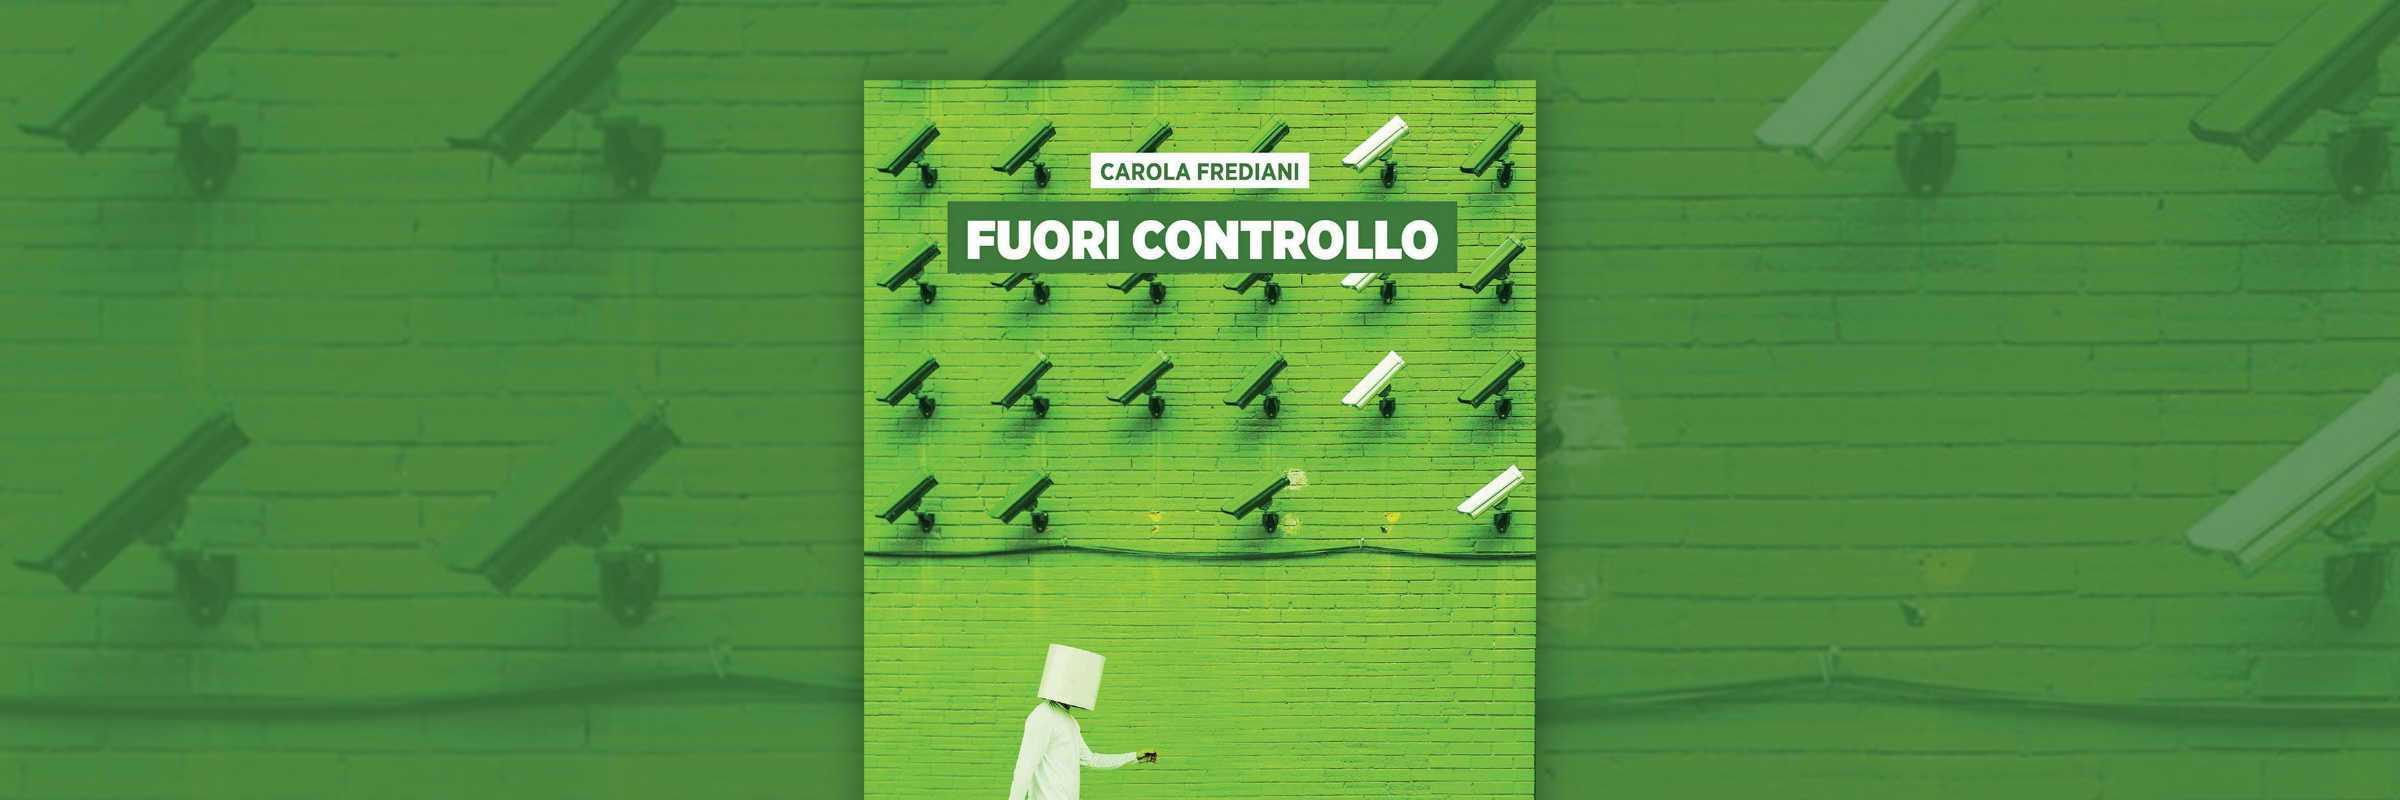 """Copertina del libro """"Fuori Controllo"""", di Carola Frediani, edito da Venipedia Editrice. — (Archivio Venipedia/Bazzmann)"""